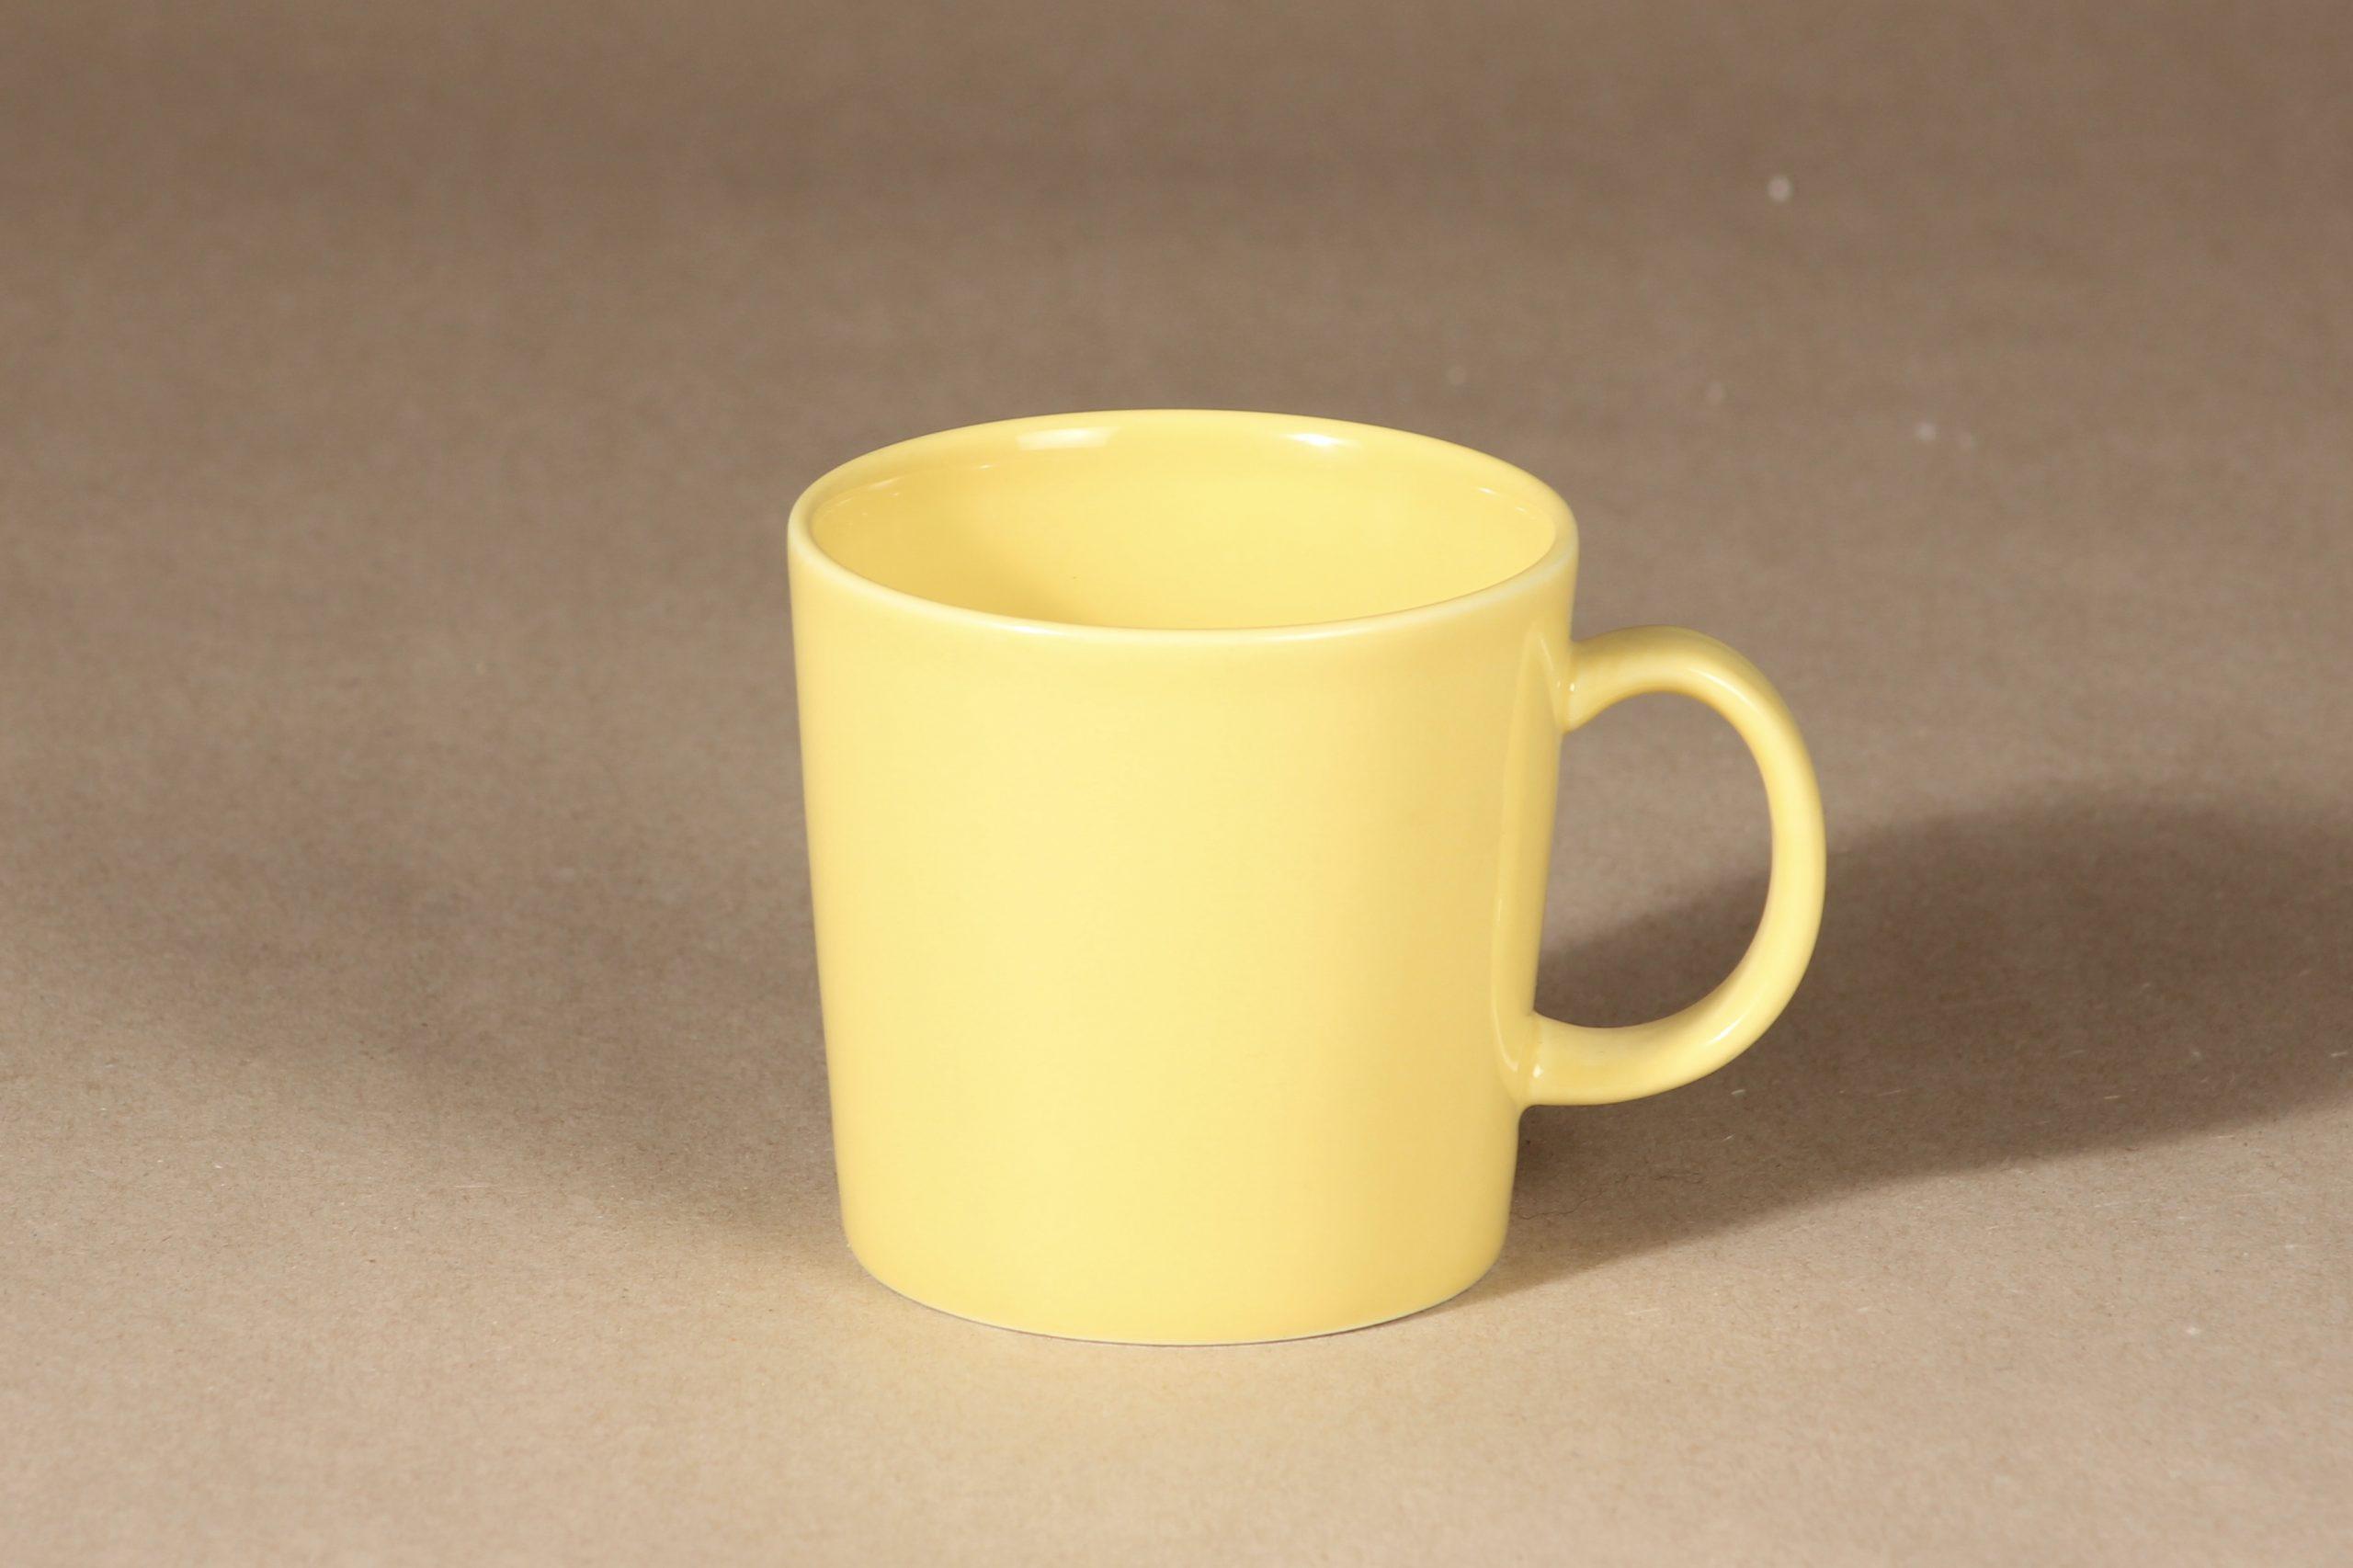 Iittala Teema mug, 30 cl design Kaj Franck